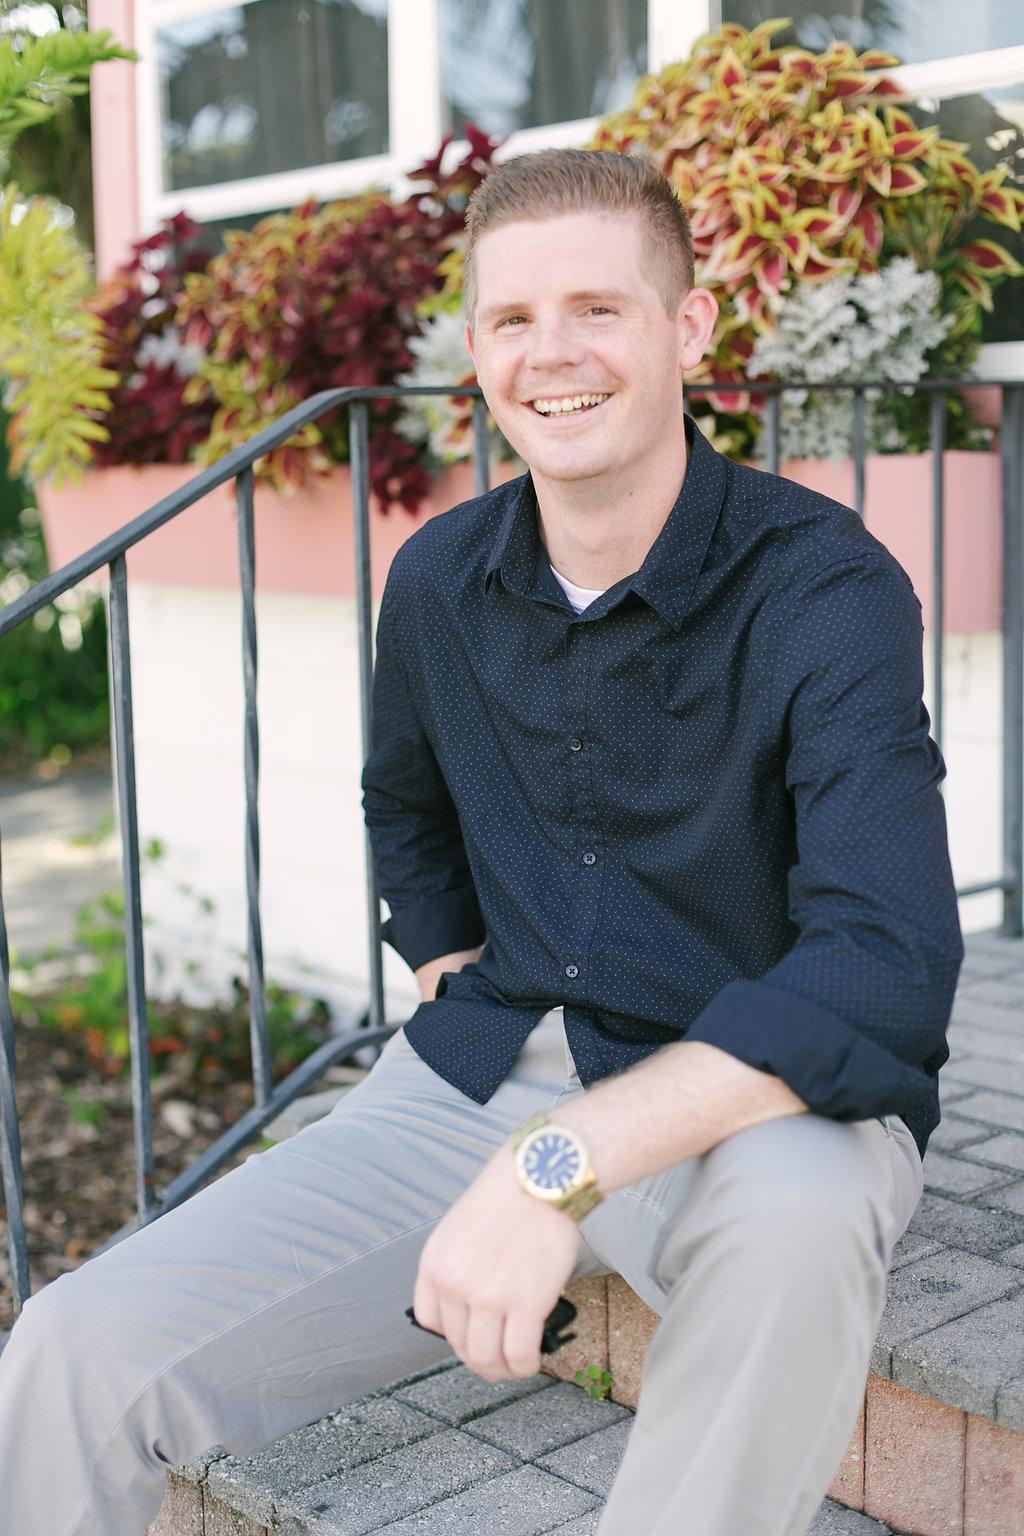 Schuyler Mitchell, Co-Founder / Finance